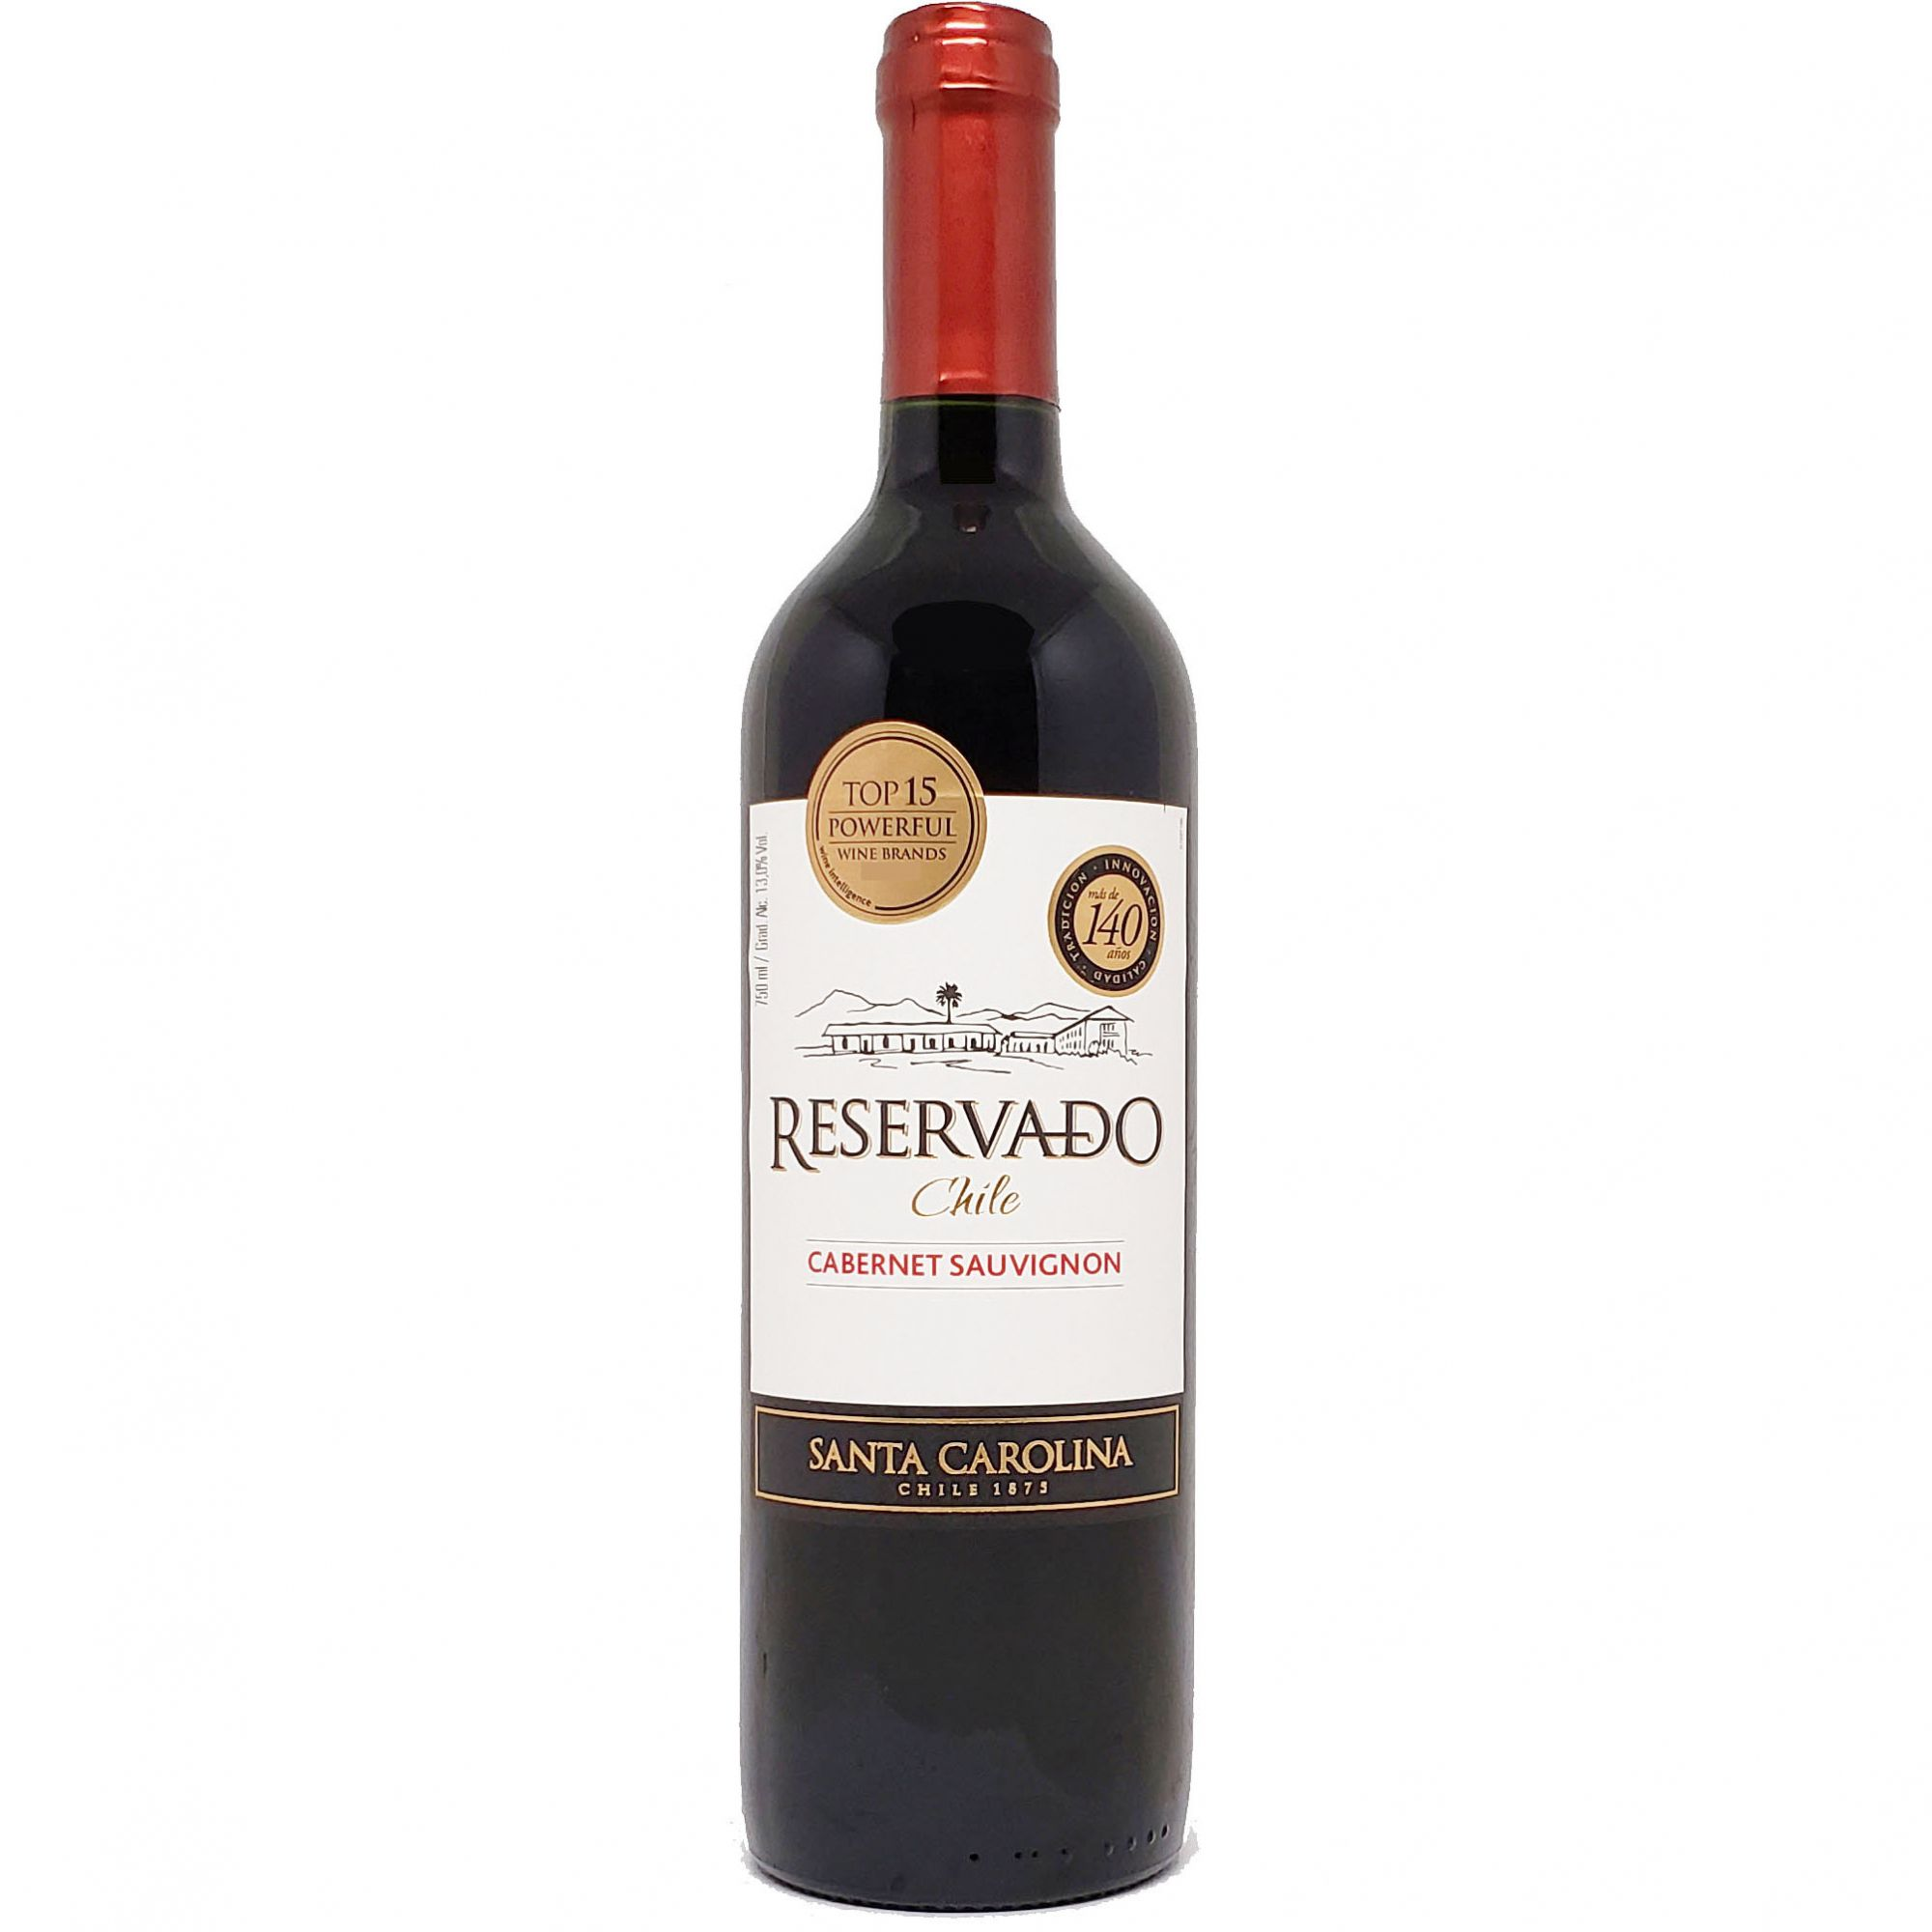 Vinho Santa Carolina Reservado Cabernet Sauvignon Chile - 750ml -